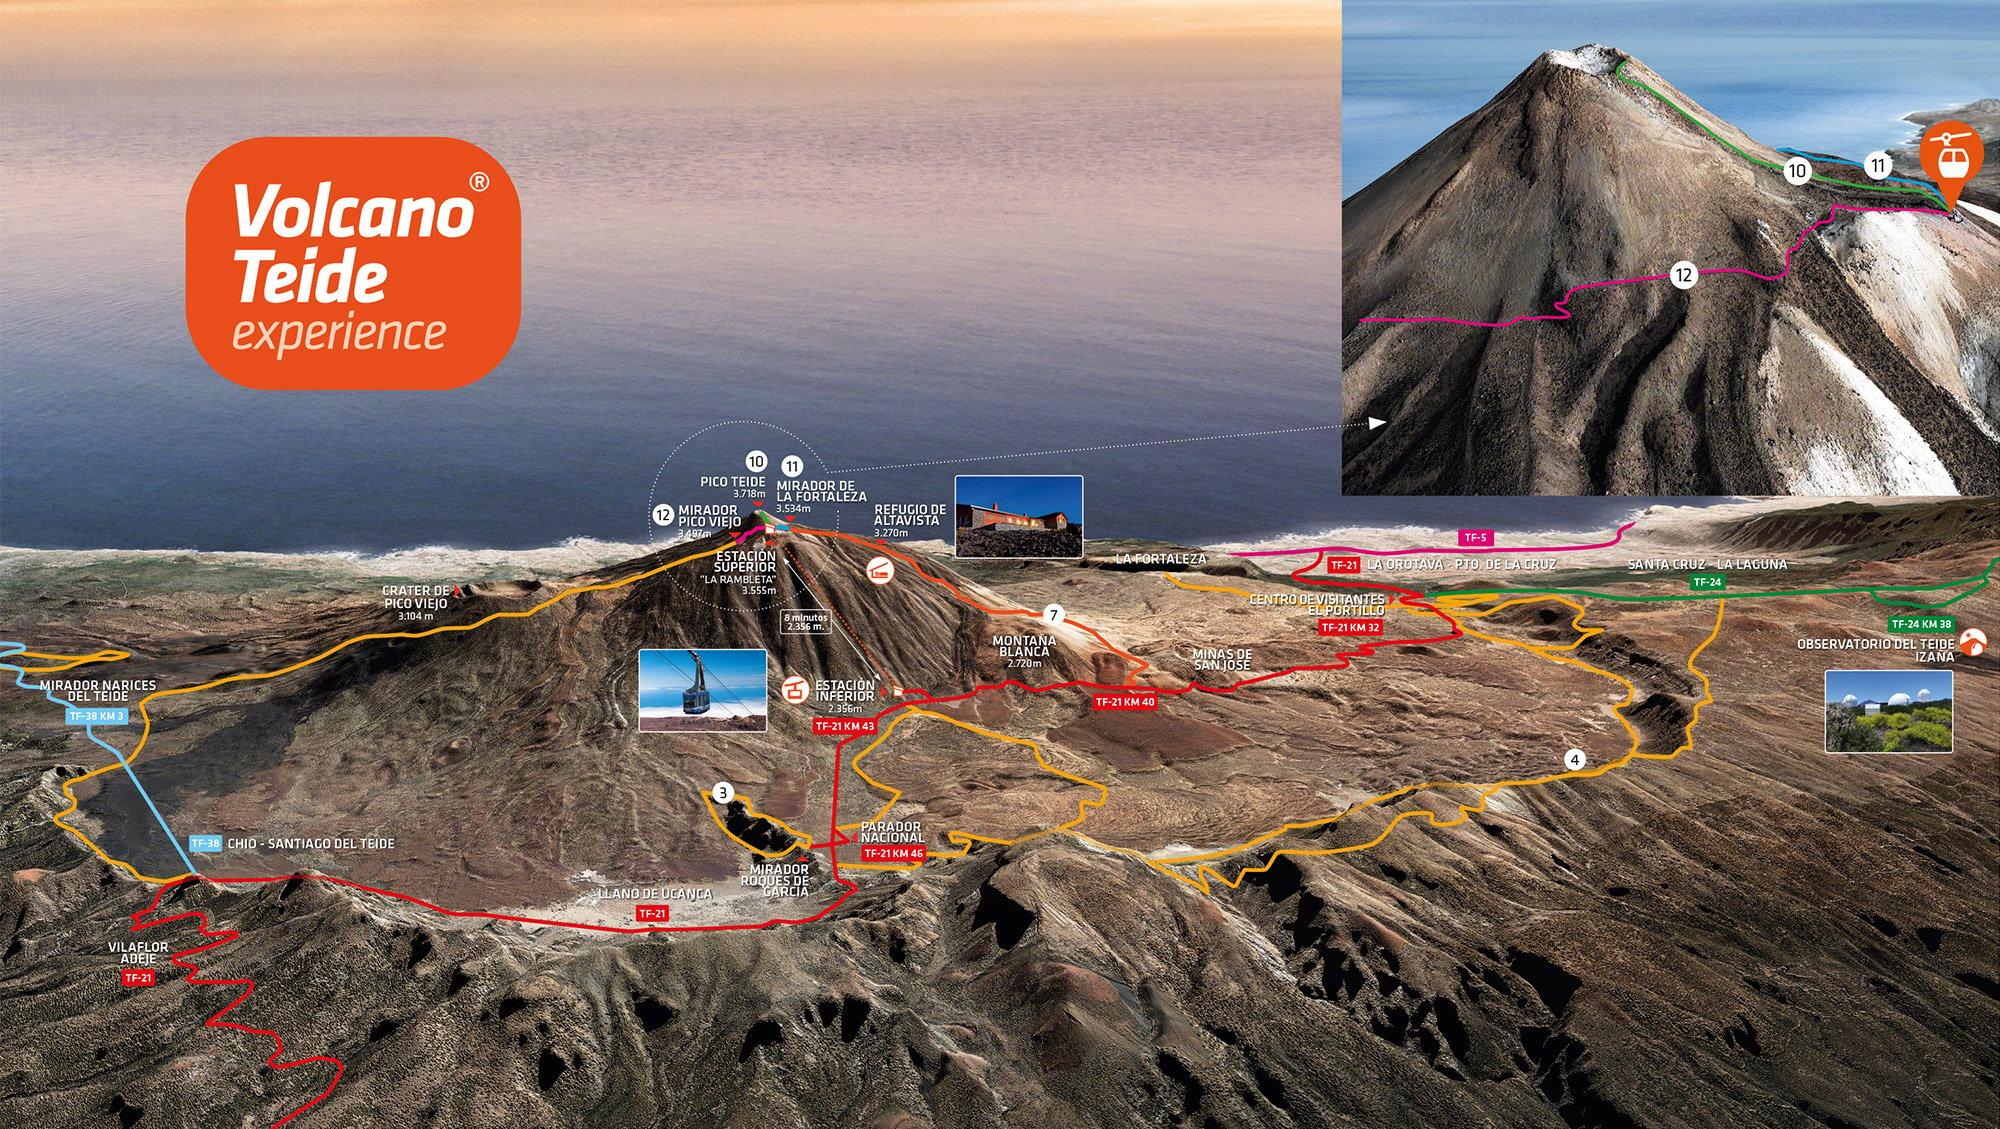 Salire sul Teide a piedi: sentiero di Montaña Blanca al Teide